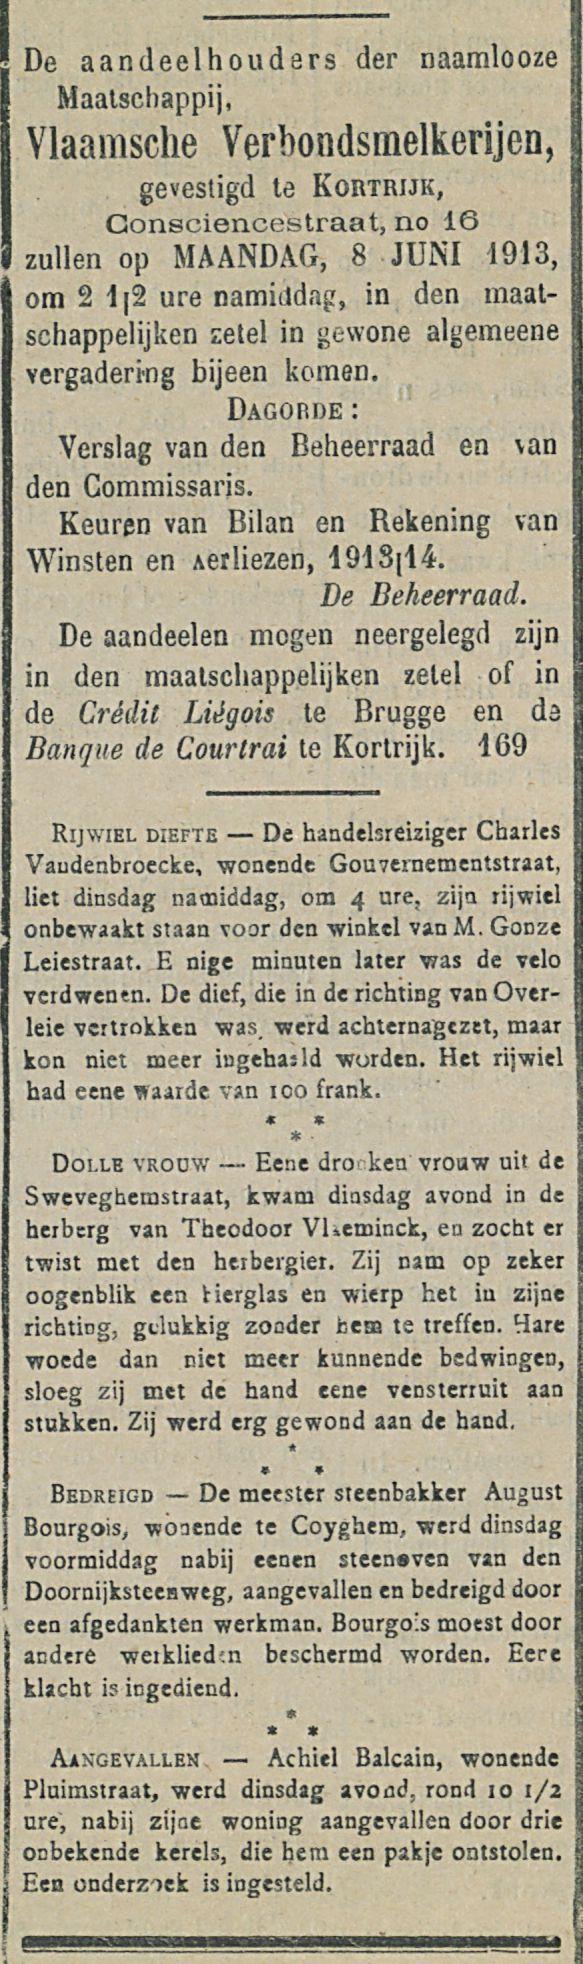 Vlaamsche Verbondsmelkerijen